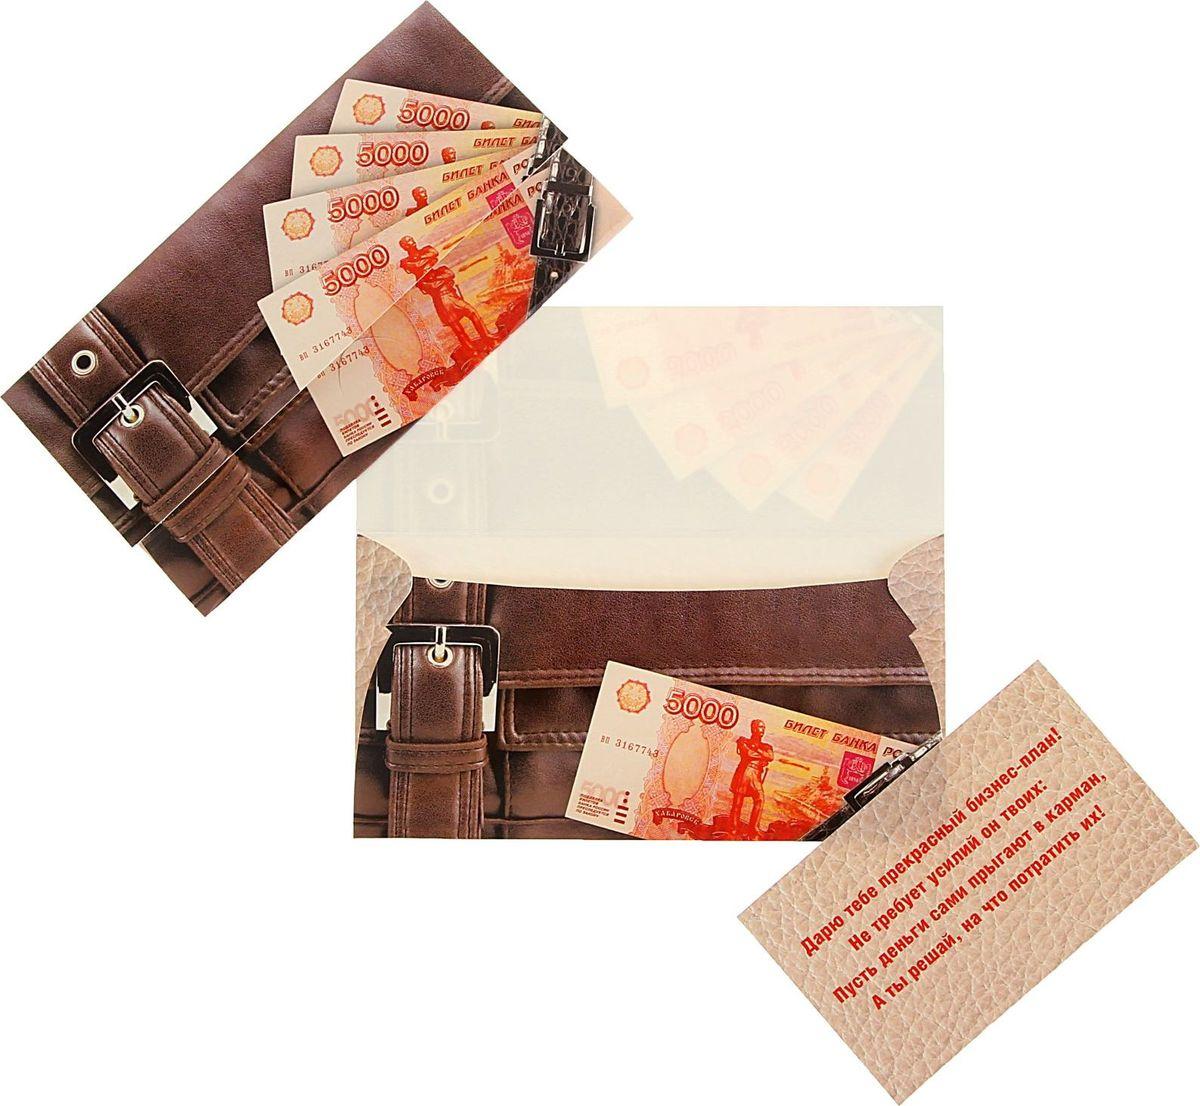 Конверт для денег Русский дизайн Универсальный. Деньги, сумка, 16,5 х 8,5 см1536077Невозможно представить нашу жизнь без праздников! Мы всегда ждём их и предвкушаем, обдумываем, как проведём памятный день, тщательно выбираем подарки и аксессуары, ведь именно они создают и поддерживают торжественный настрой. Этот конверт для денег - отличный выбор, который привнесёт атмосферу праздника в ваш дом!